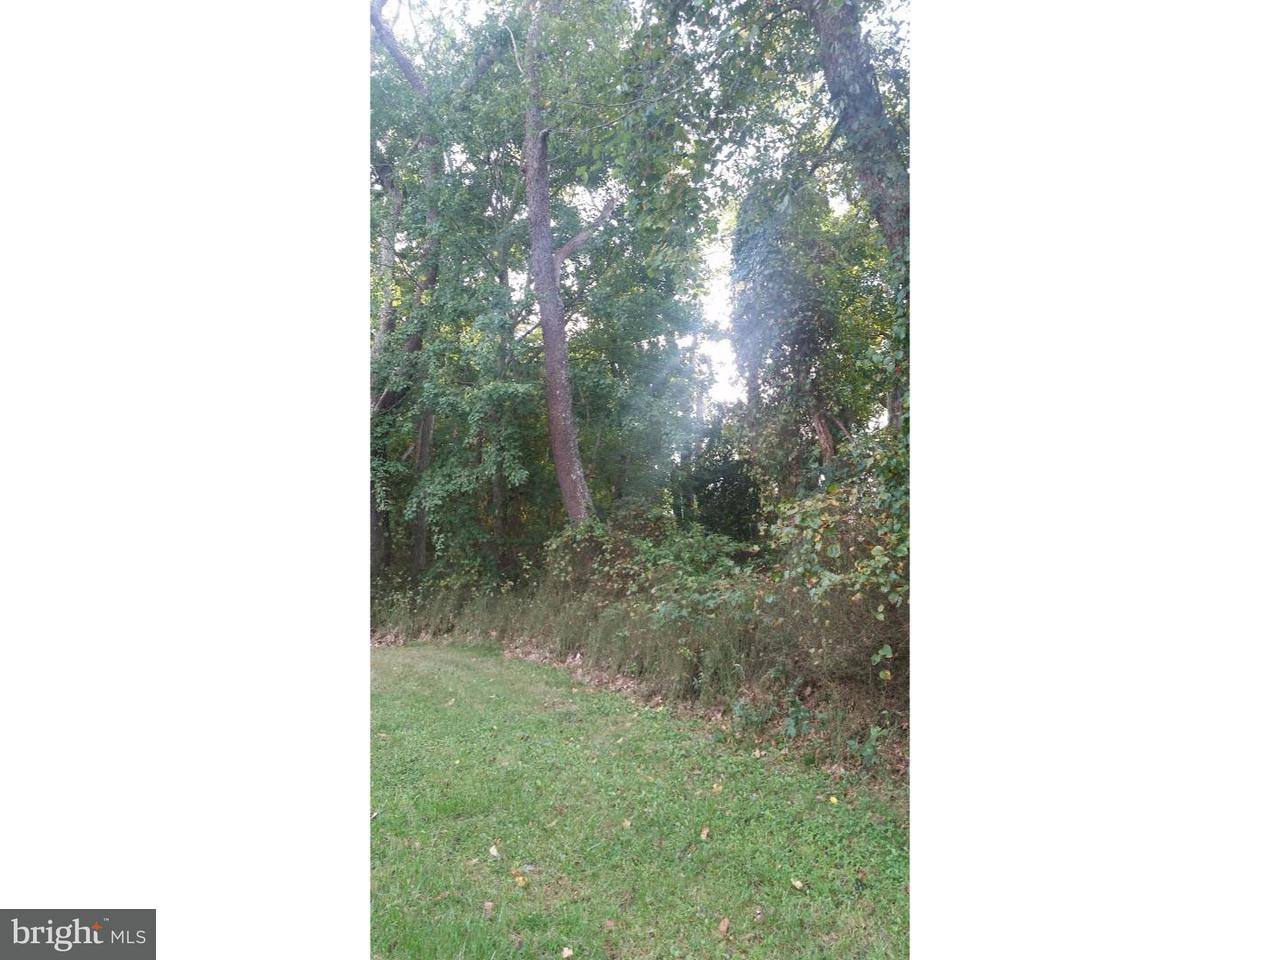 Частный односемейный дом для того Продажа на 77 IVINS Drive Plumsted, Нью-Джерси 08533 Соединенные Штаты